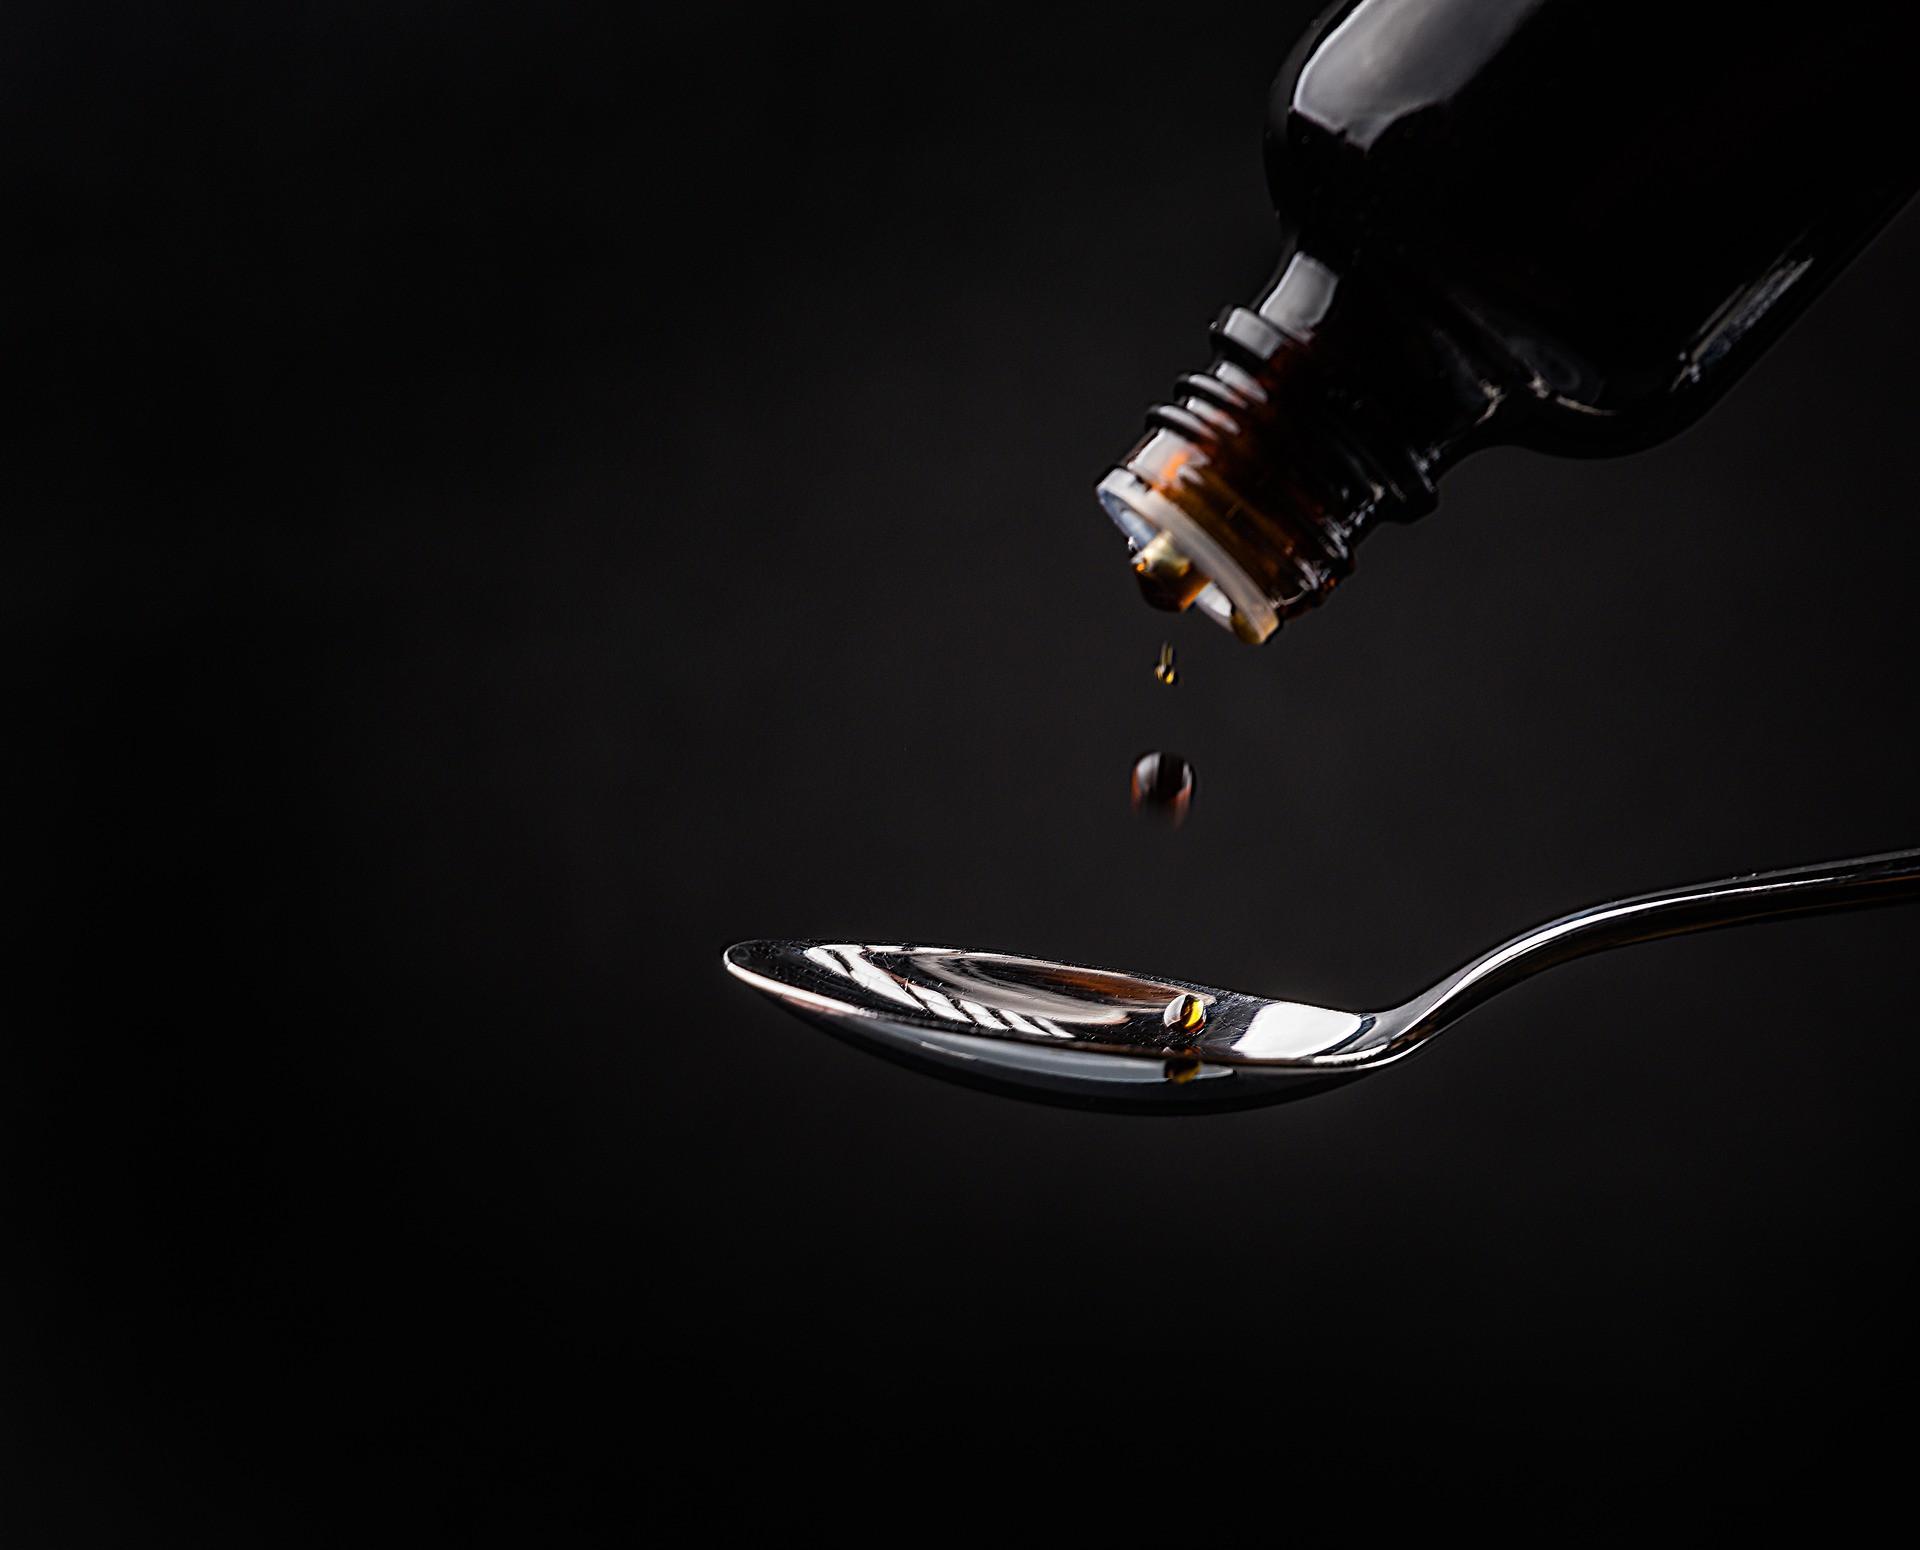 3 Obat Batuk yang Aman Anda Konsumsi dan Dijual Bebas di Apotek